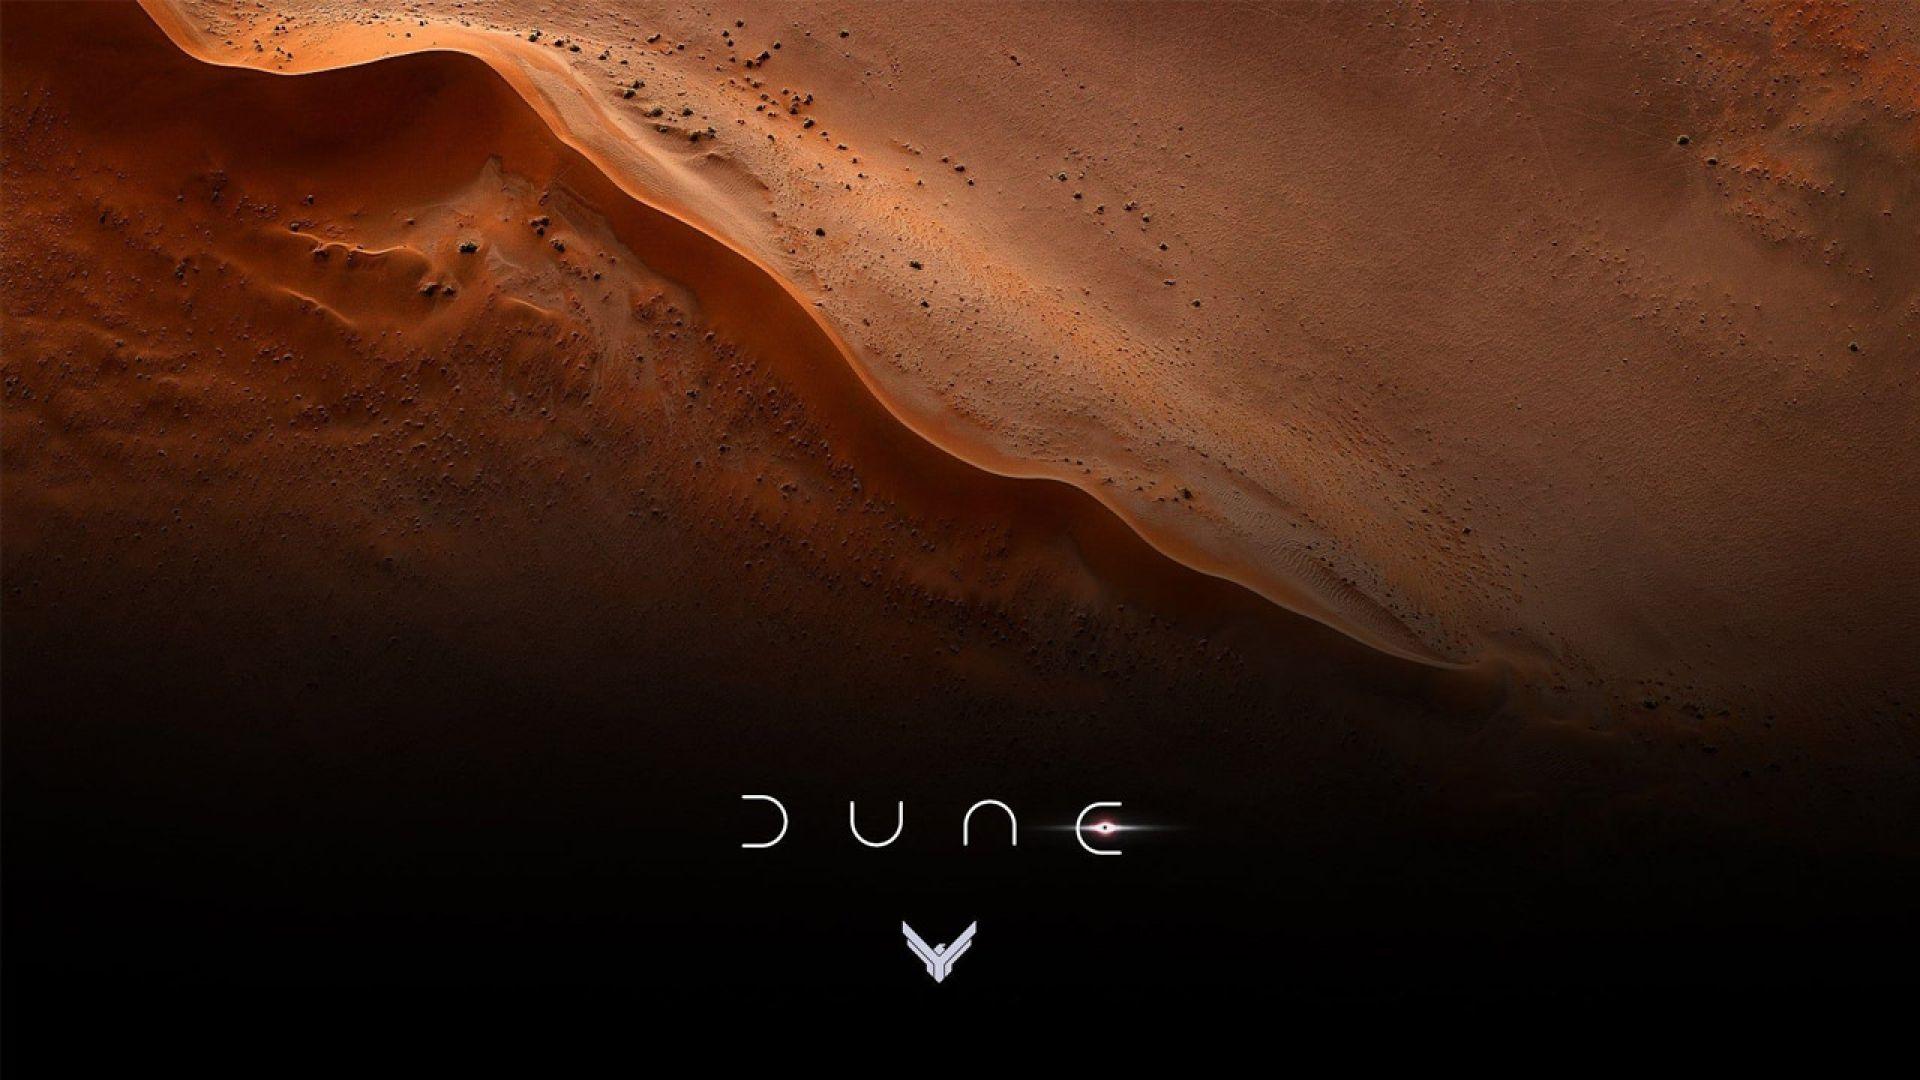 دومین تریلر فیلم Dune منتشر شد